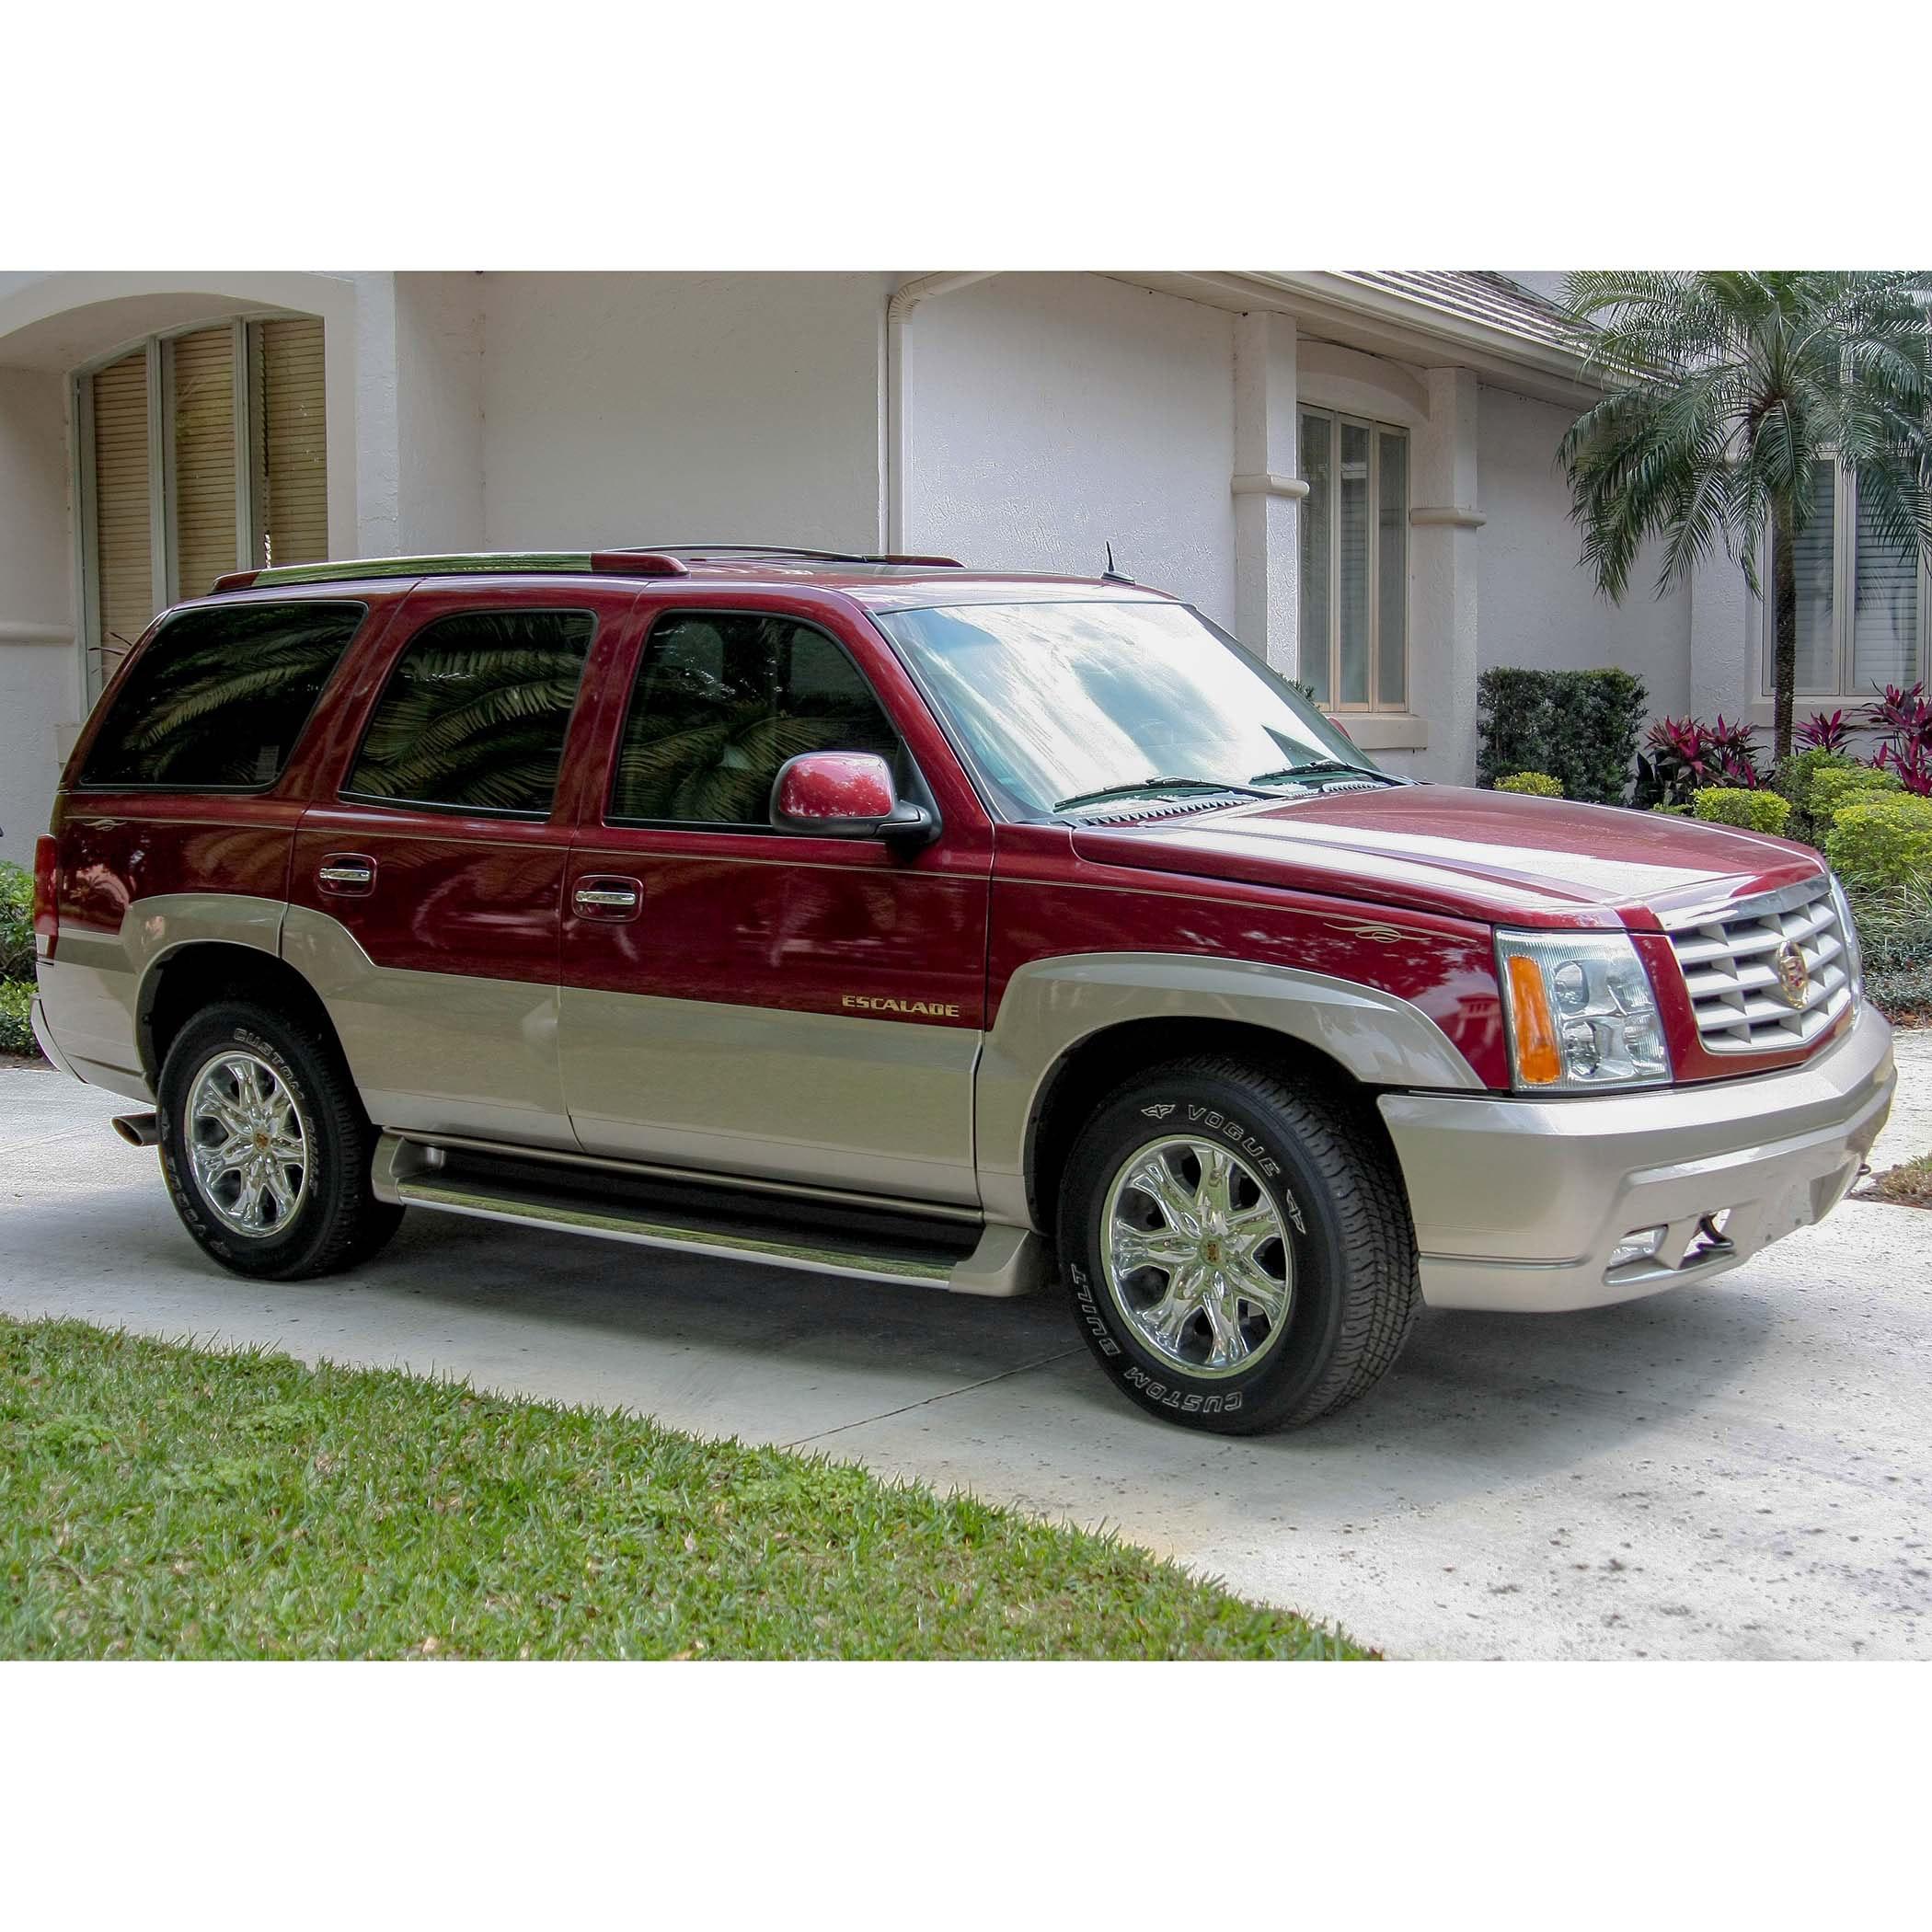 2002 Cadillac Escalade Luxury SUV